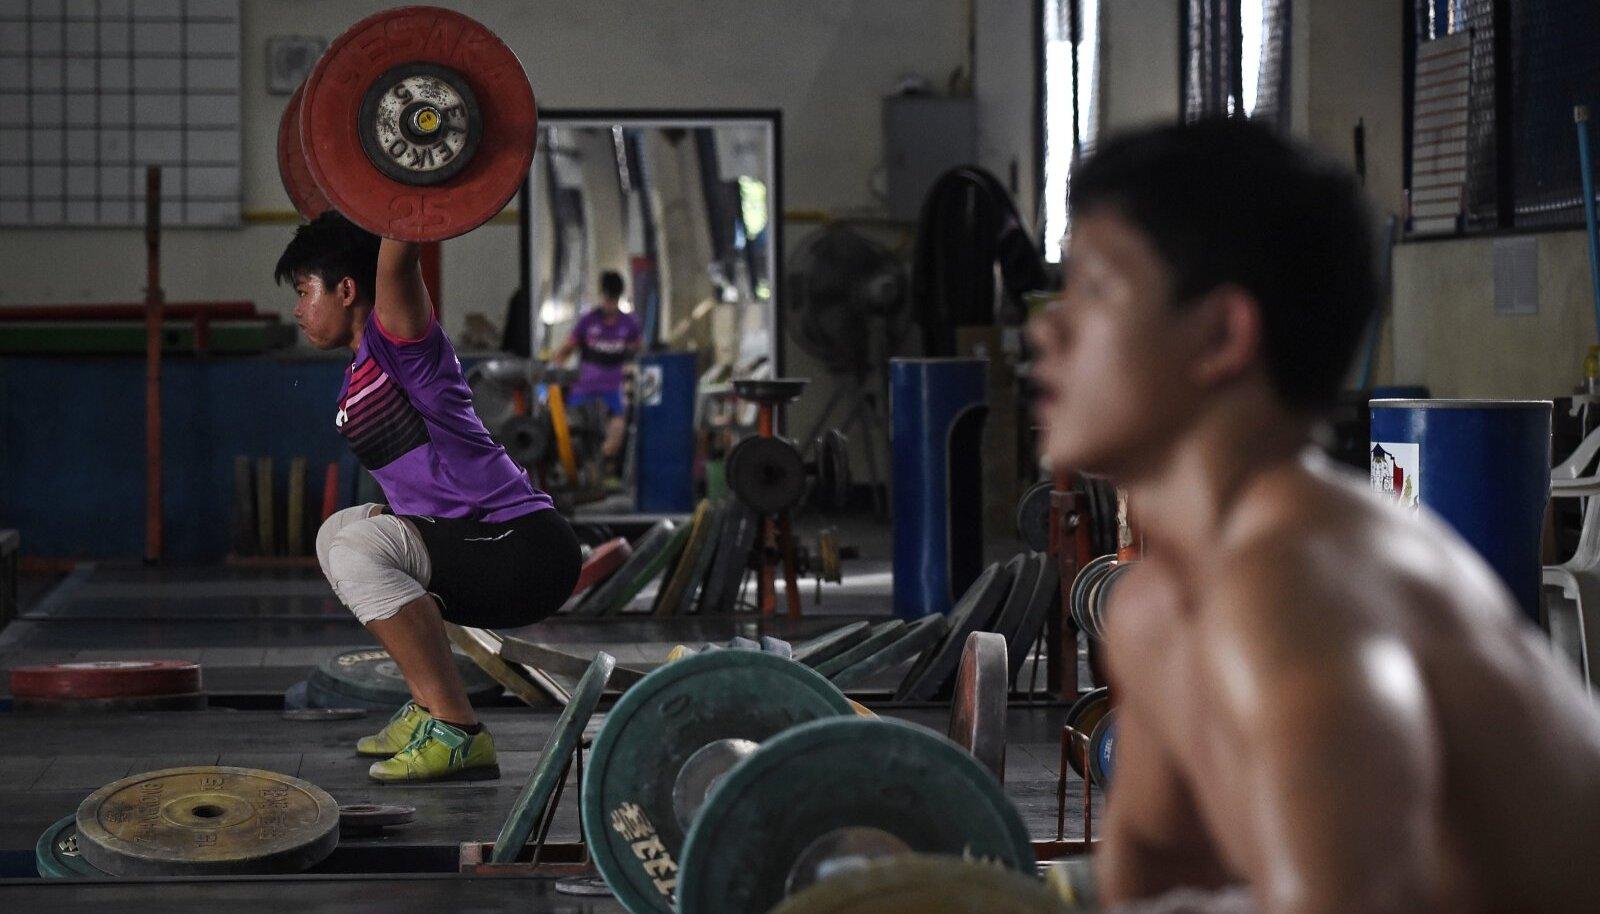 Tai on üks riike, mille tõstjad on andnud hulganisti positiivseid dopinguproove.